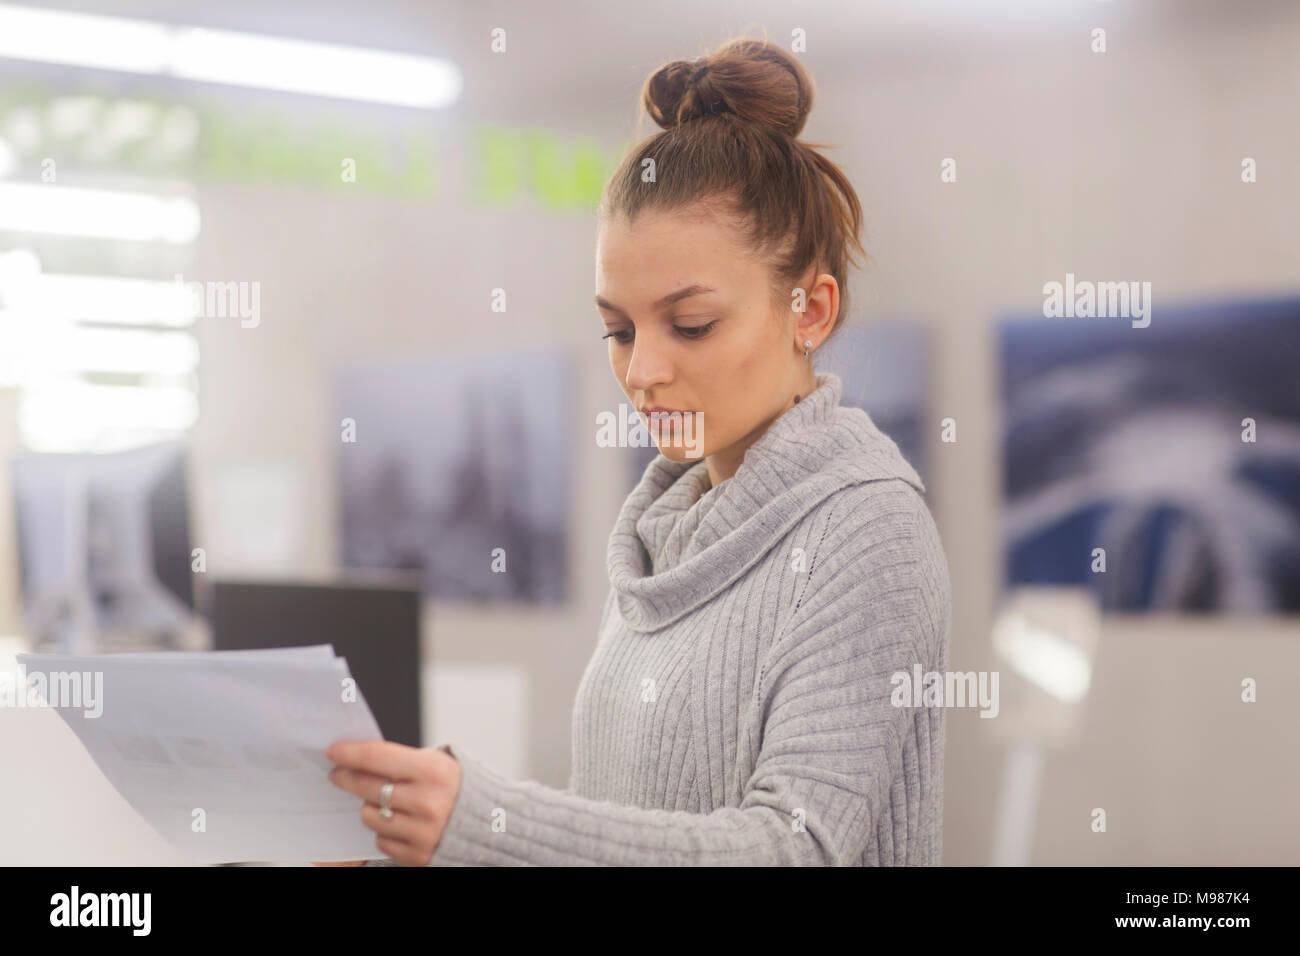 Retrato de mujer joven en el trabajo en una oficina. Imagen De Stock